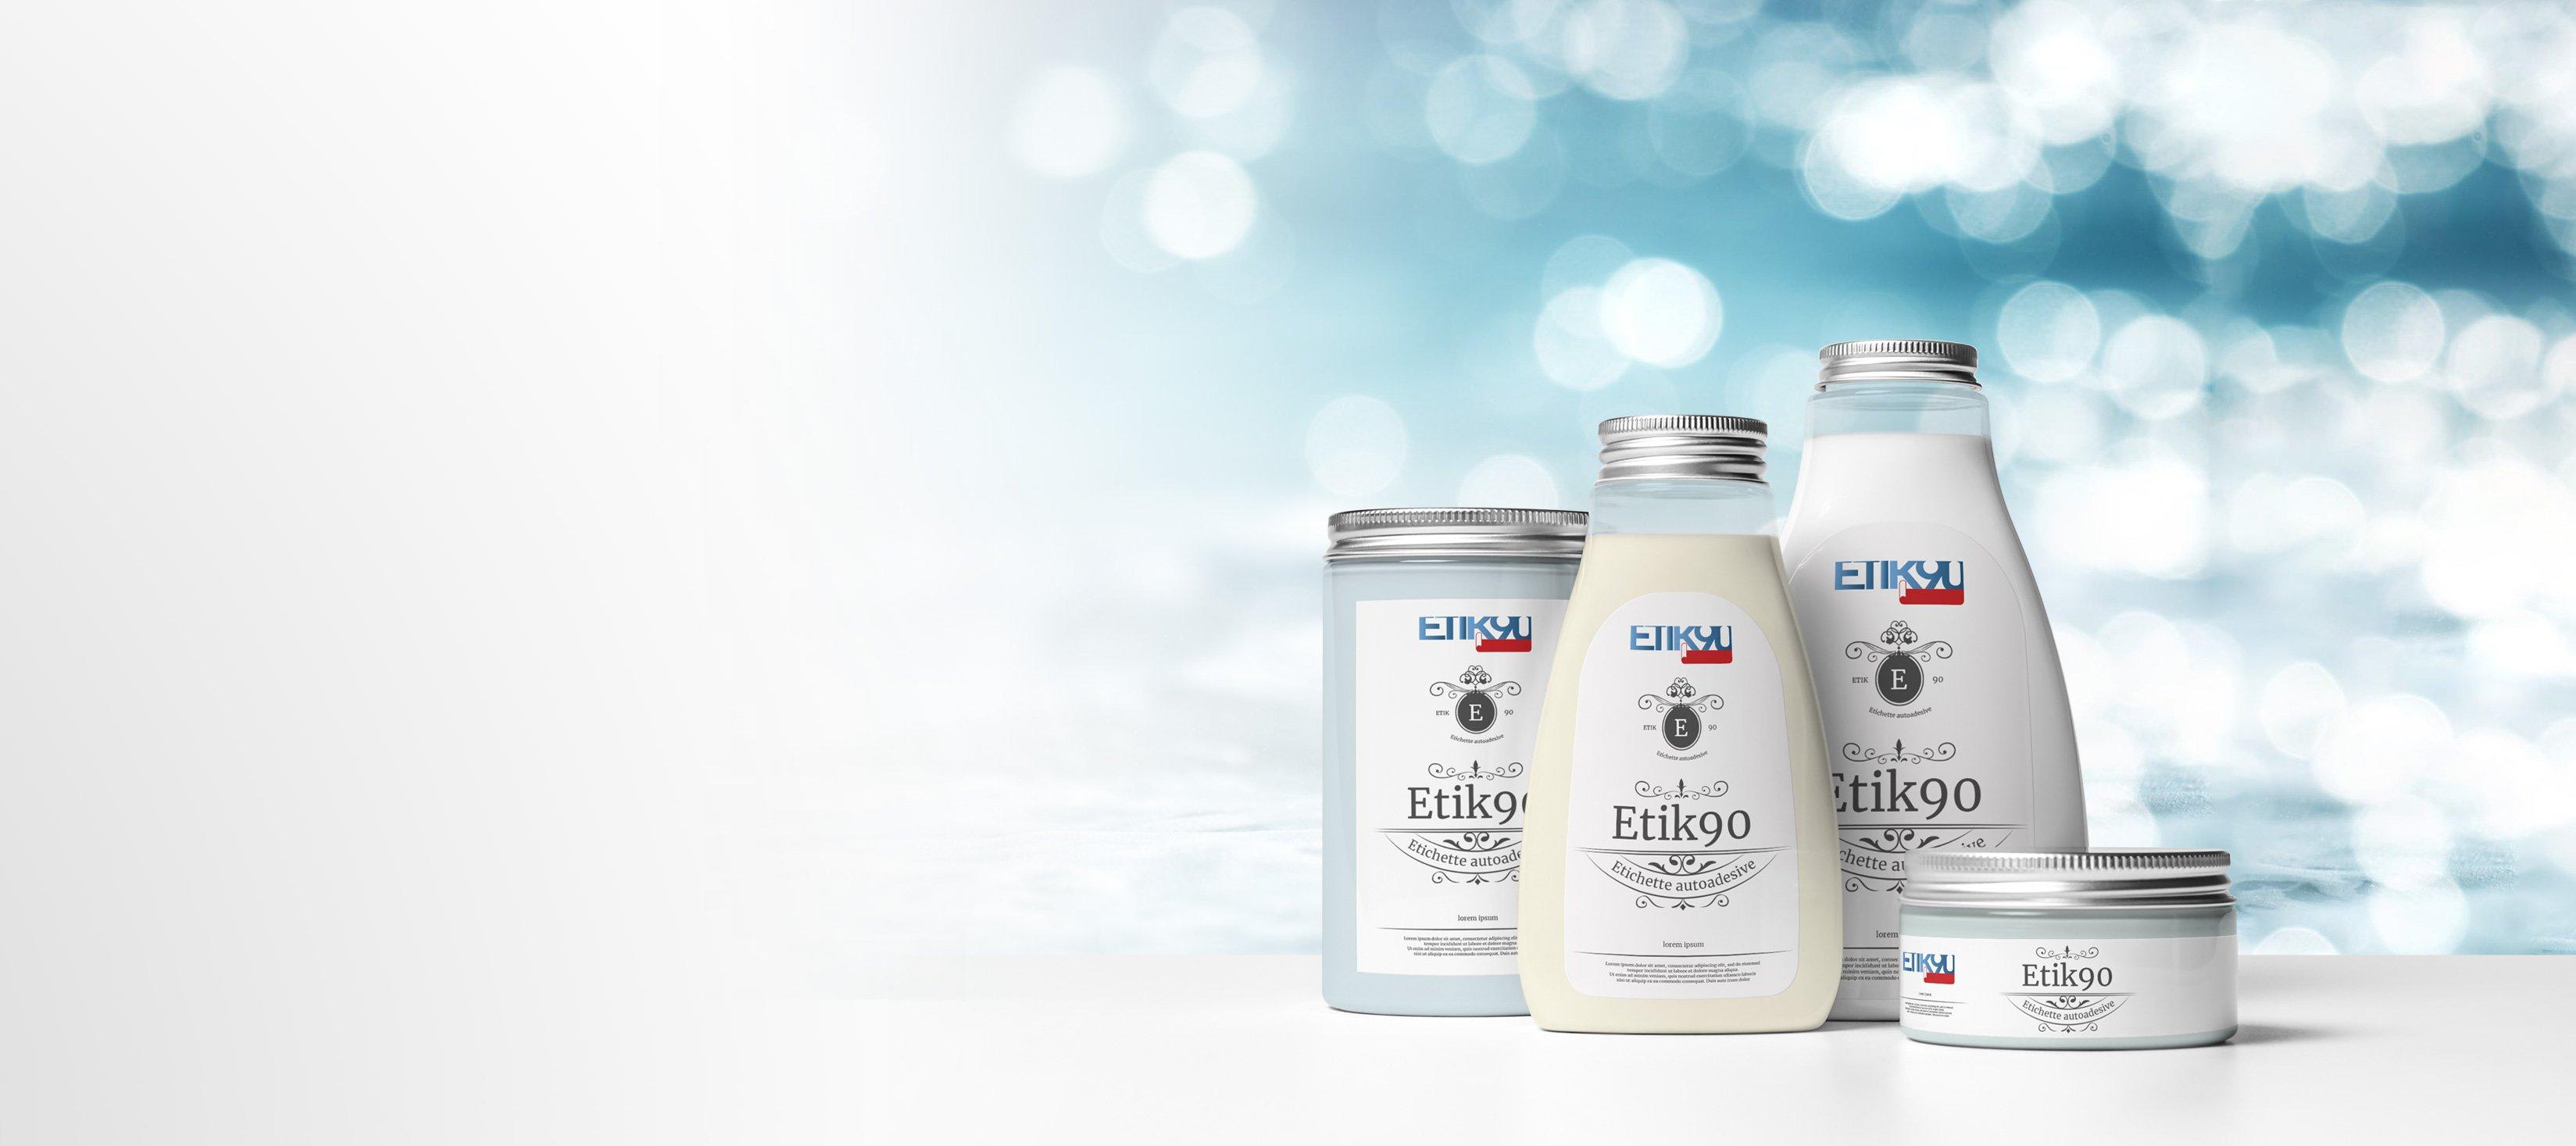 etichette adesive settore cosmetica